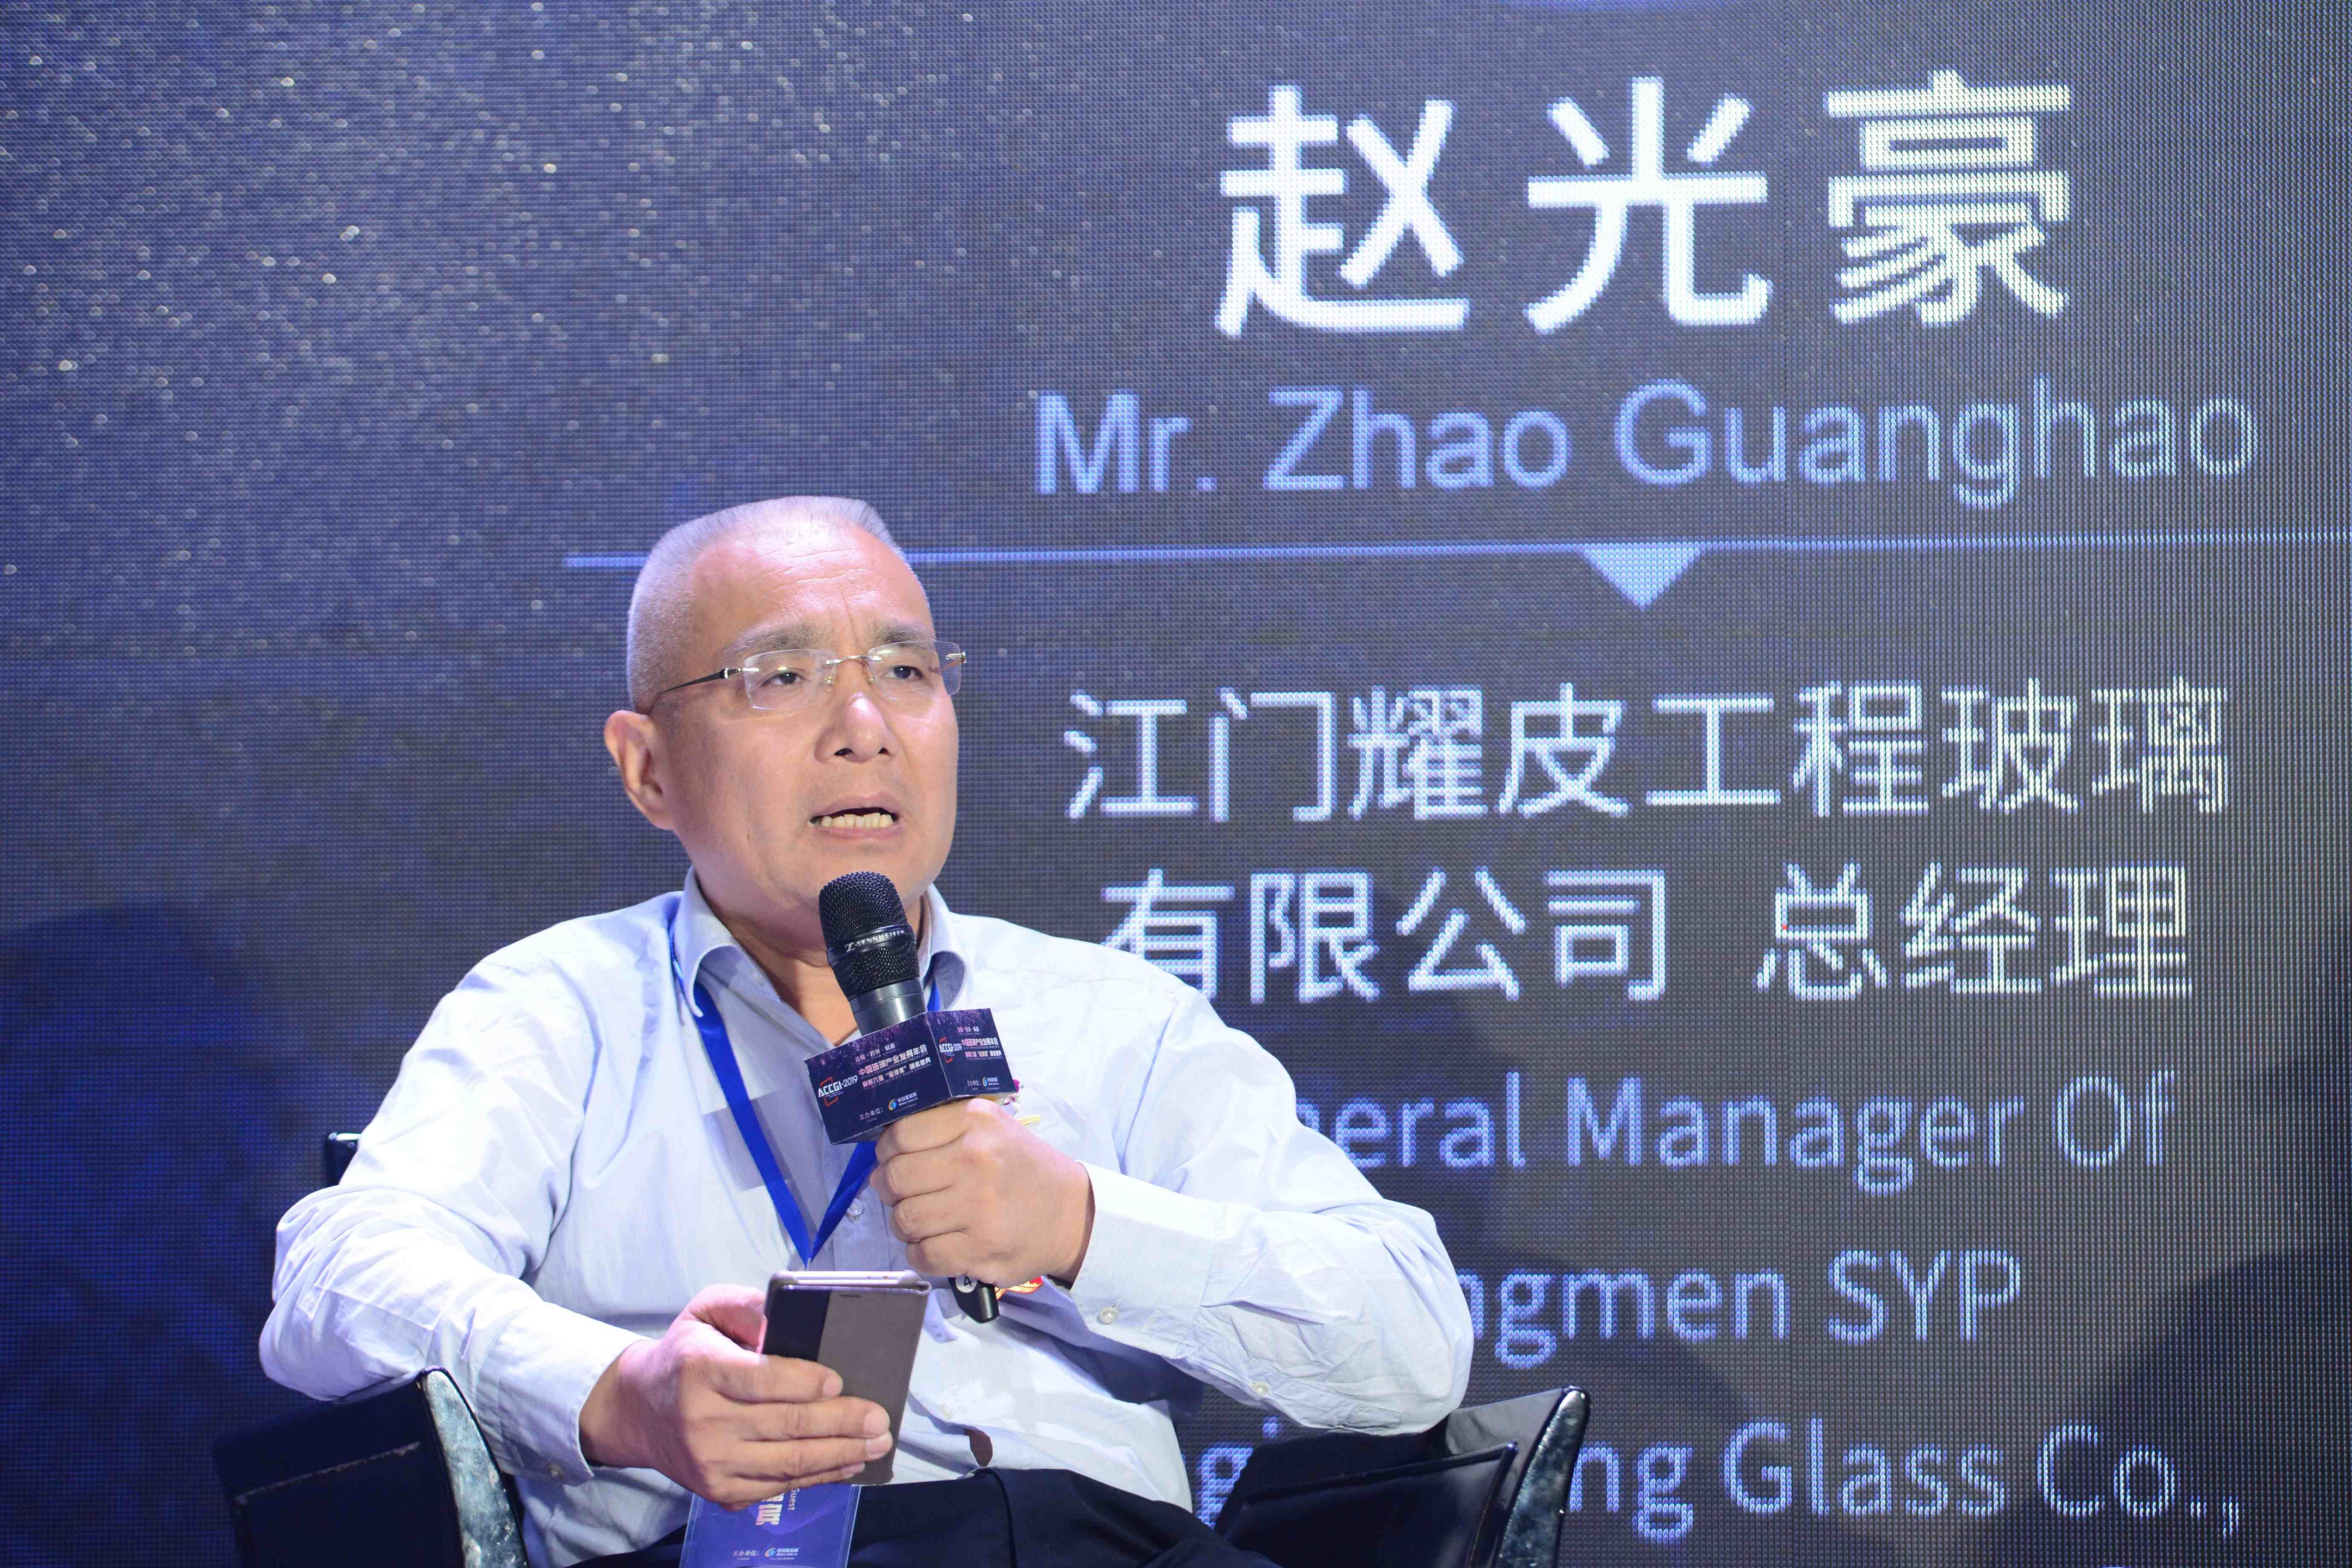 中国玻璃产业发展年会文图-中国玻璃产业发展年会文图-赵光豪